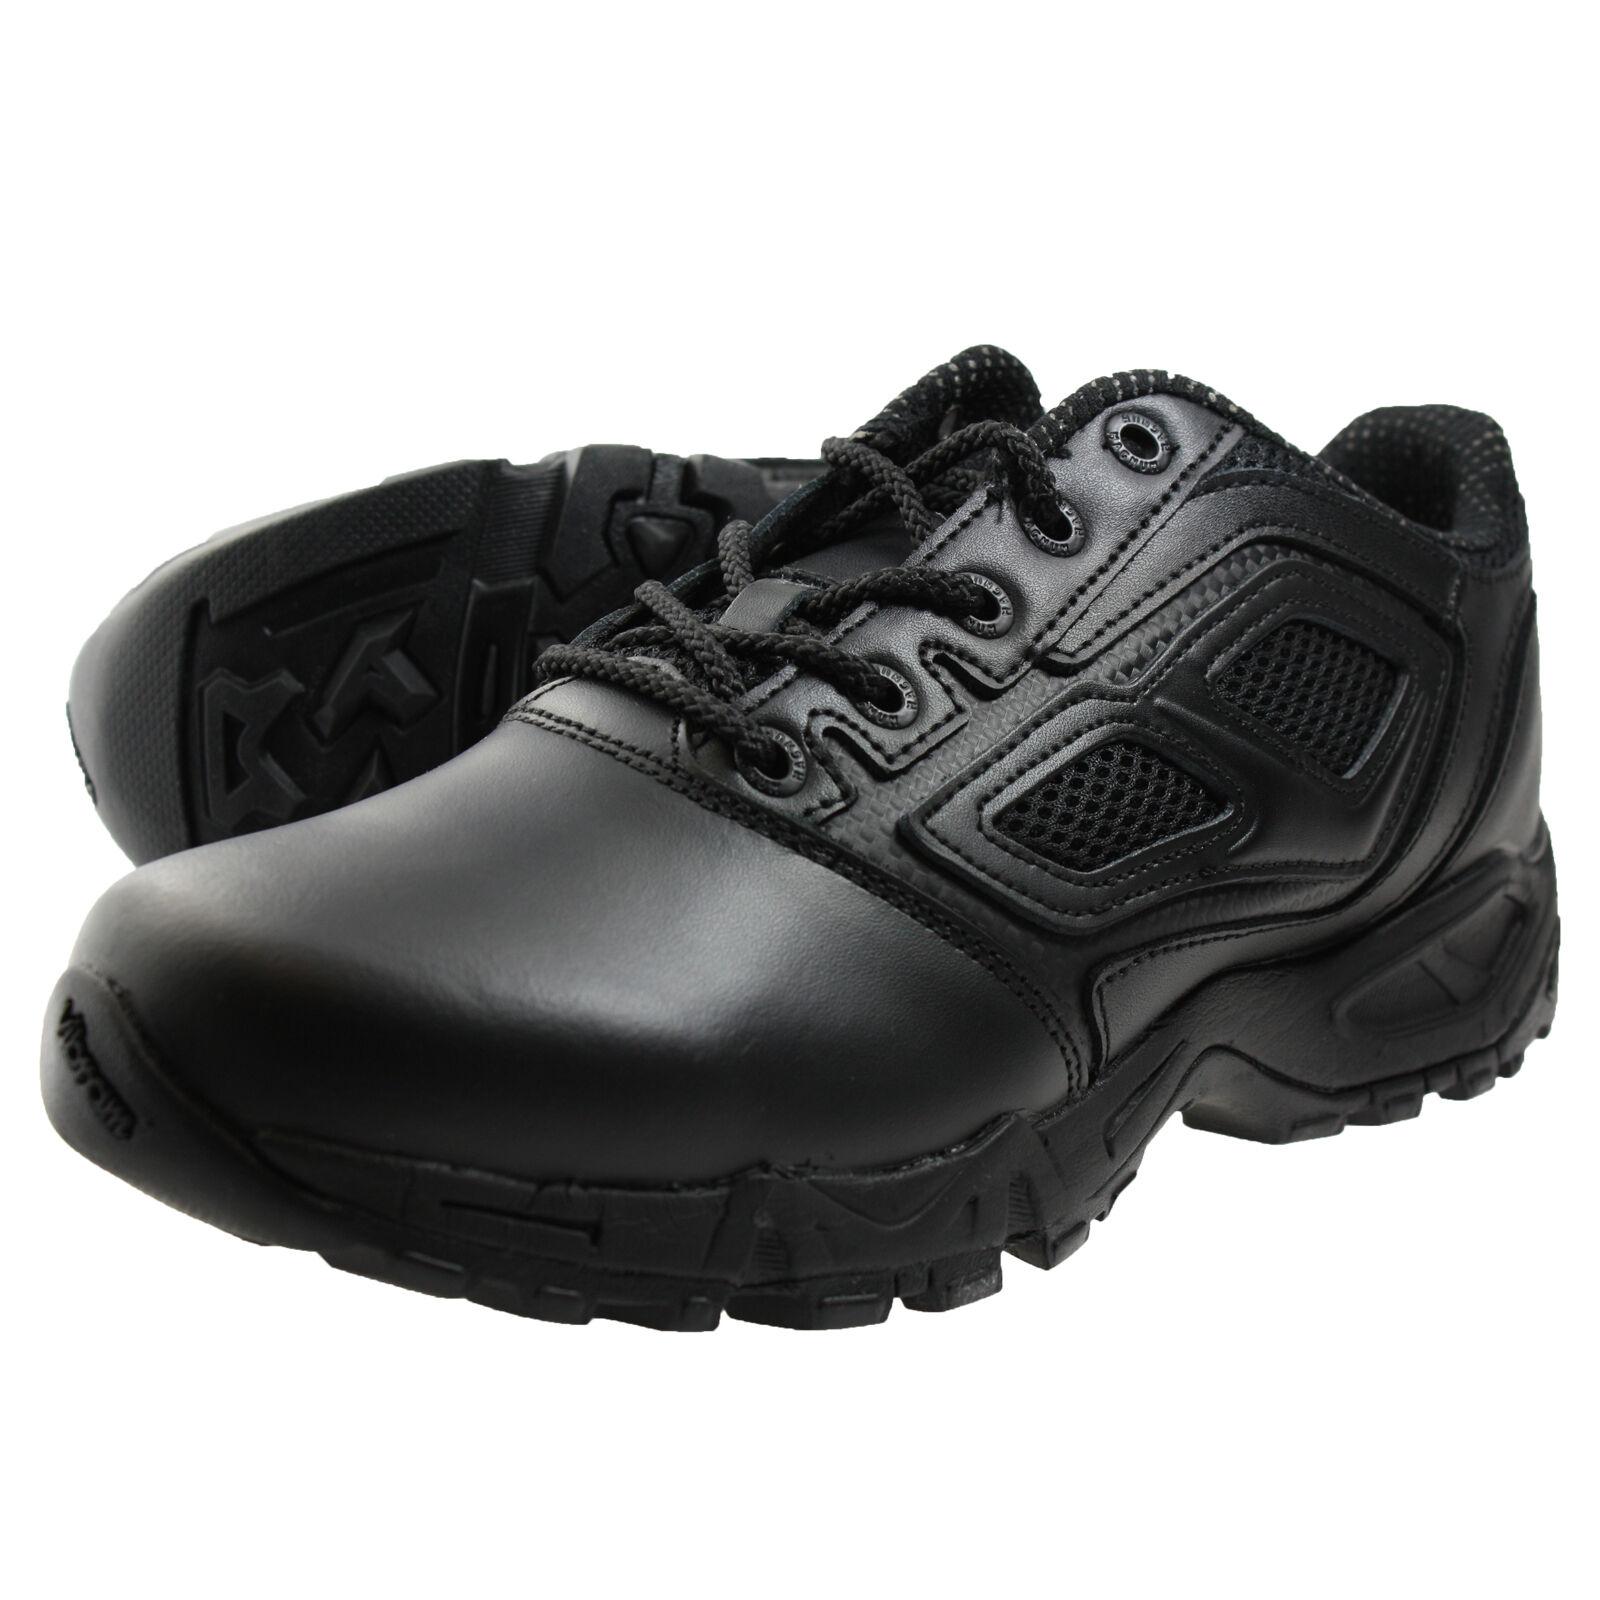 Venta de liquidación de temporada Barato y cómodo HiTec Magnum Elite Spider 3.0 utilizar seguridad zapatos negros hi-tec